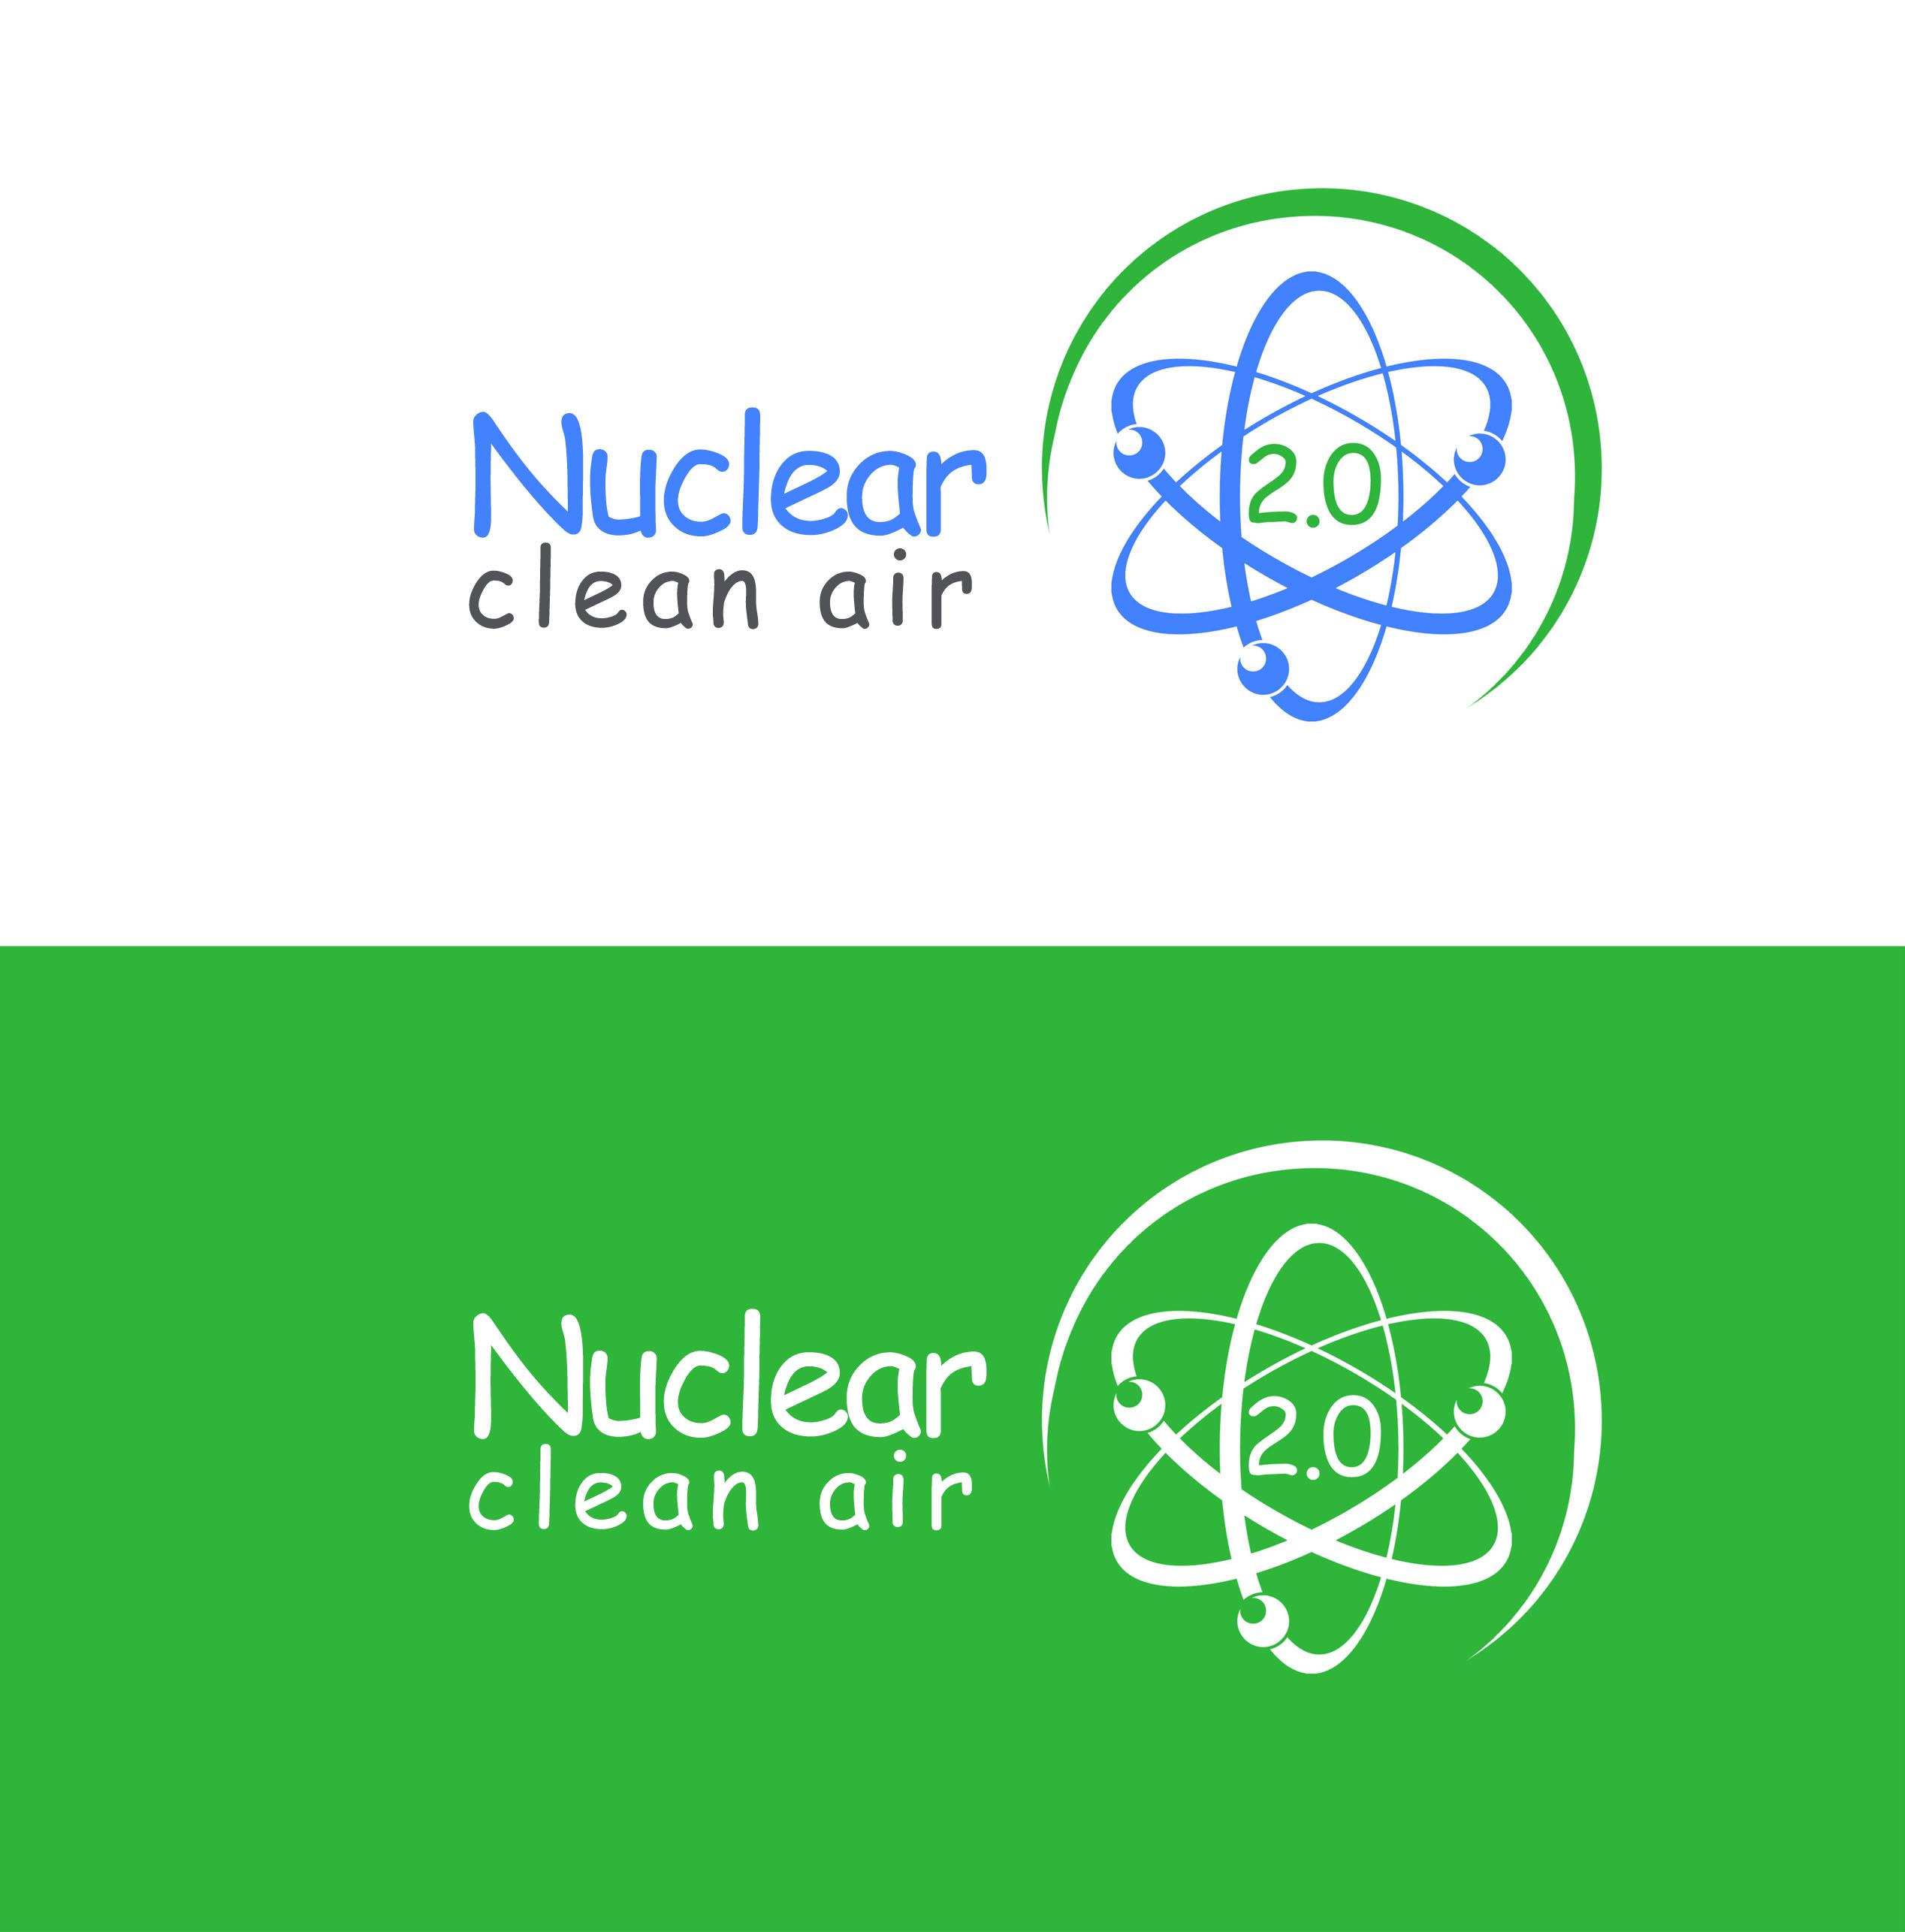 """Фирменный стиль для научного портала """"Атомная энергия 2.0"""" фото f_92559e2617d91e3c.jpg"""